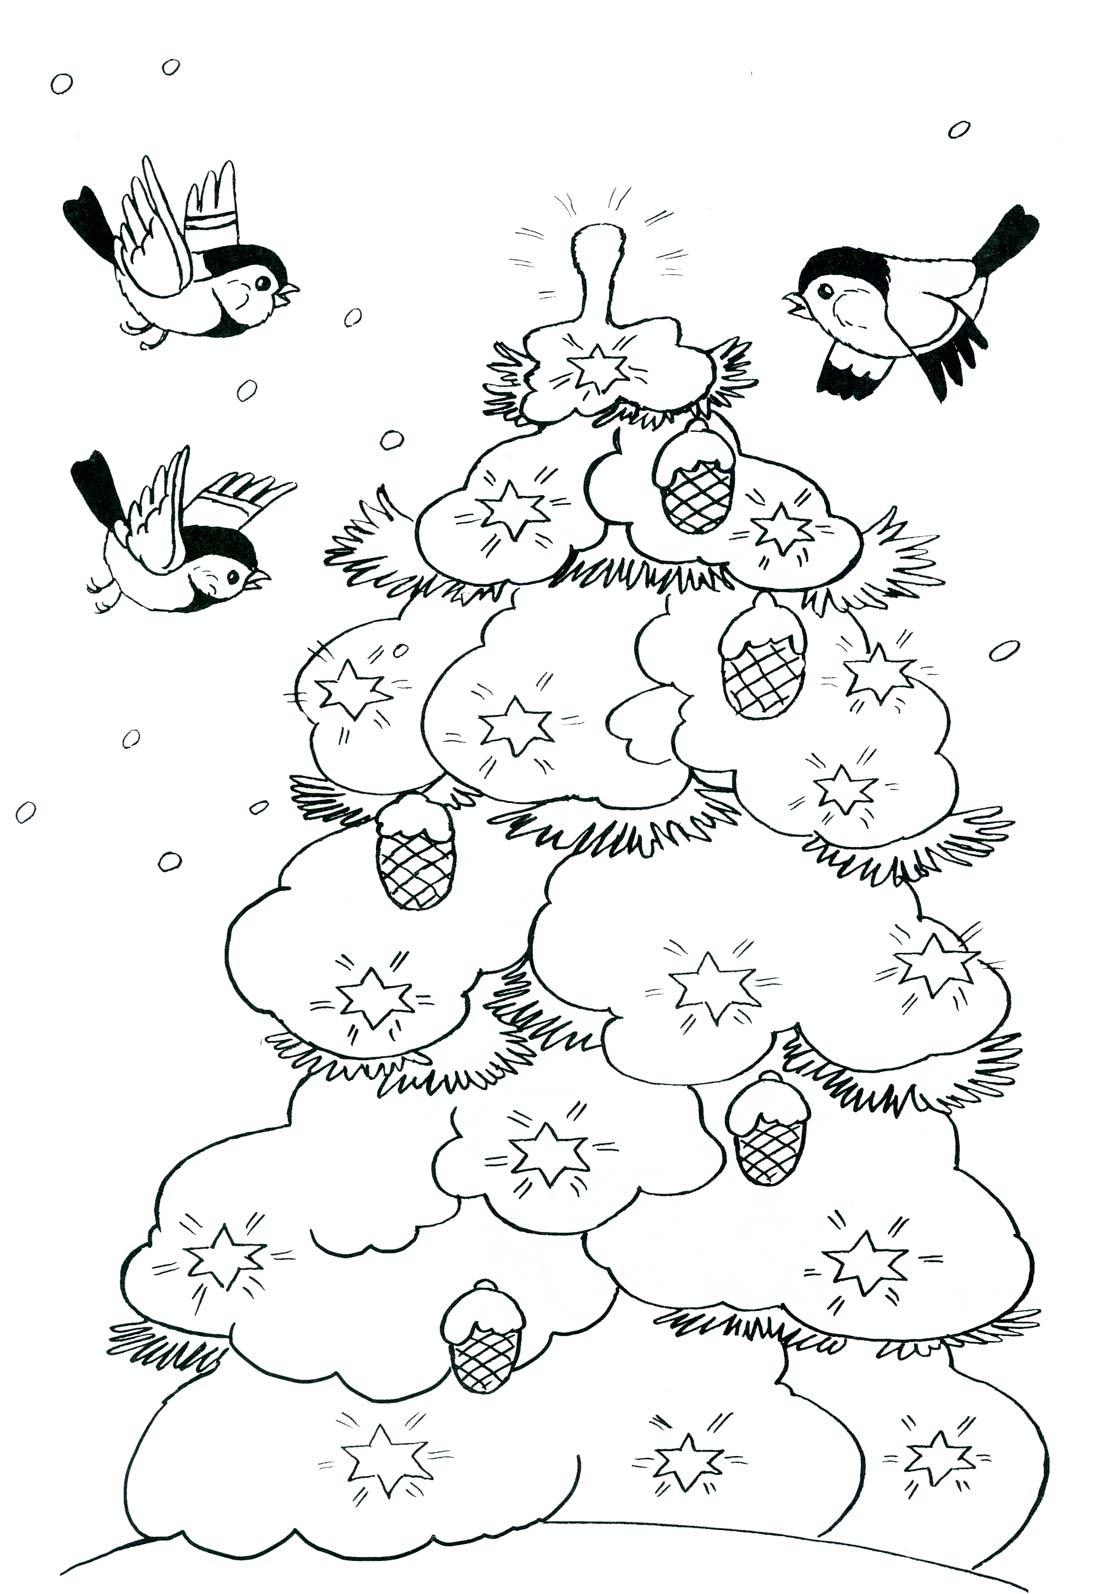 Снегирь раскраска картинки